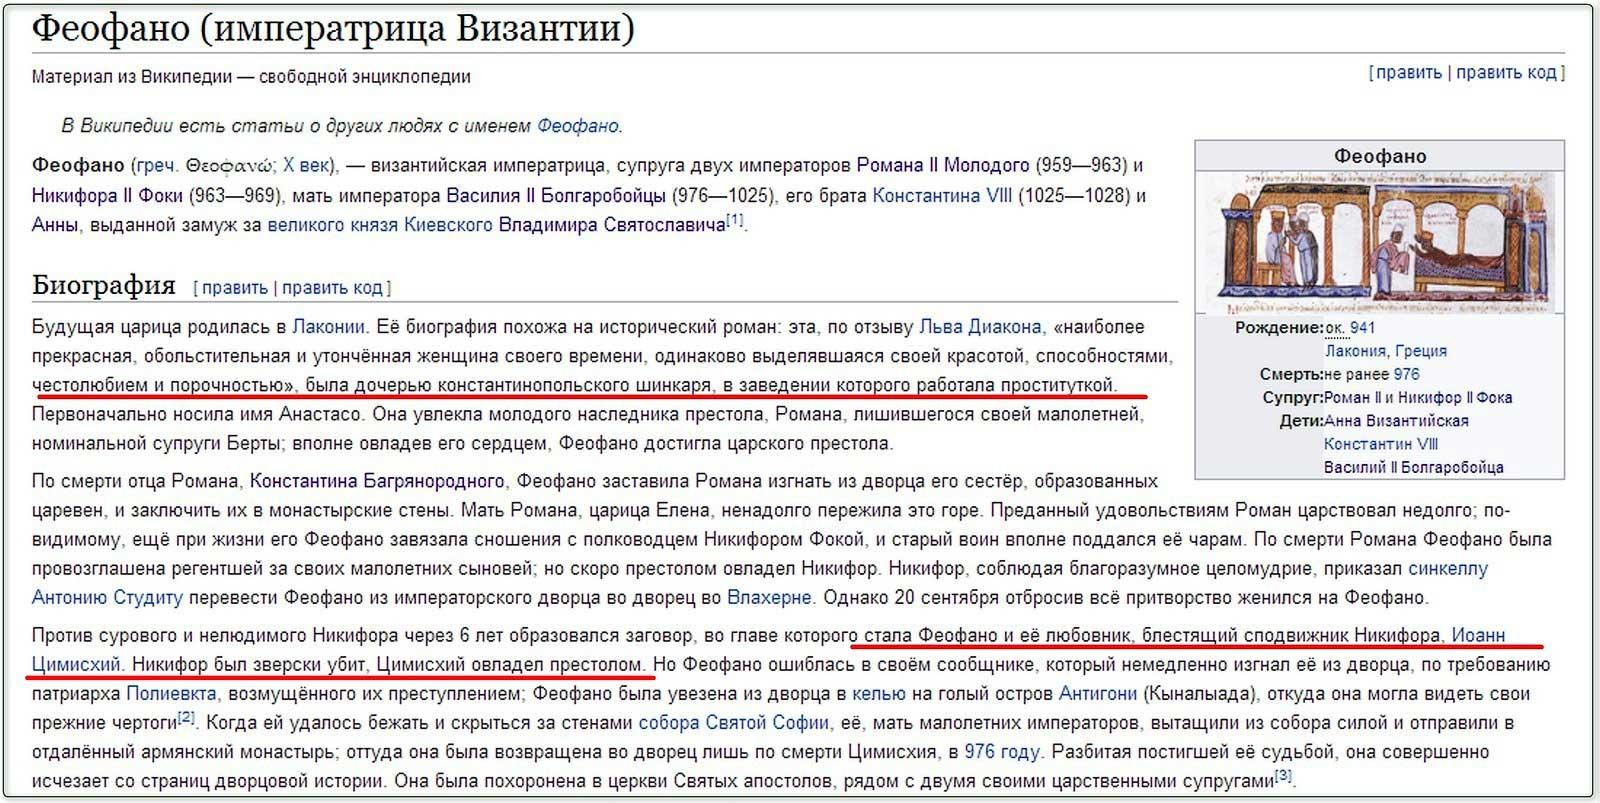 Принтскрин страницы на русском языке